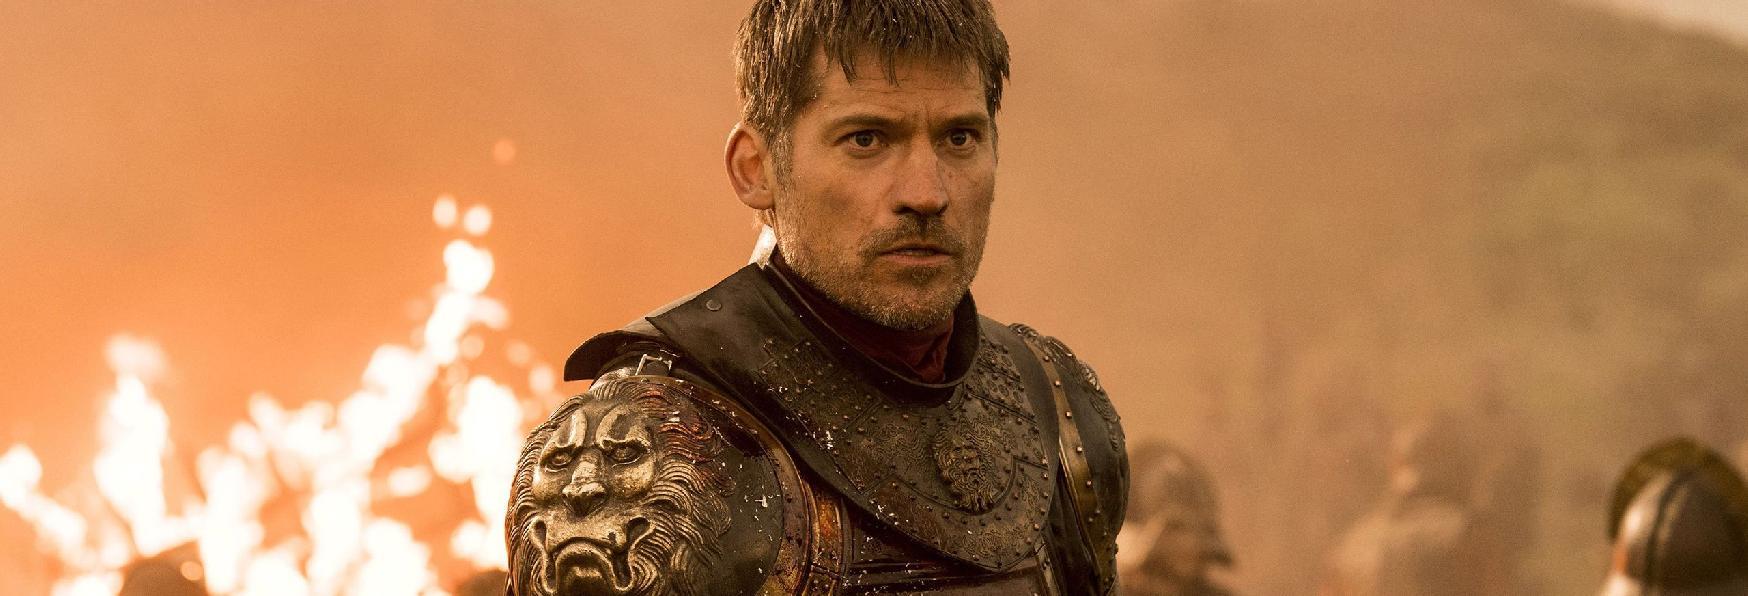 Game of Thrones 8X01: l'interprete di Jaime Lannister commenta la Scena Finale